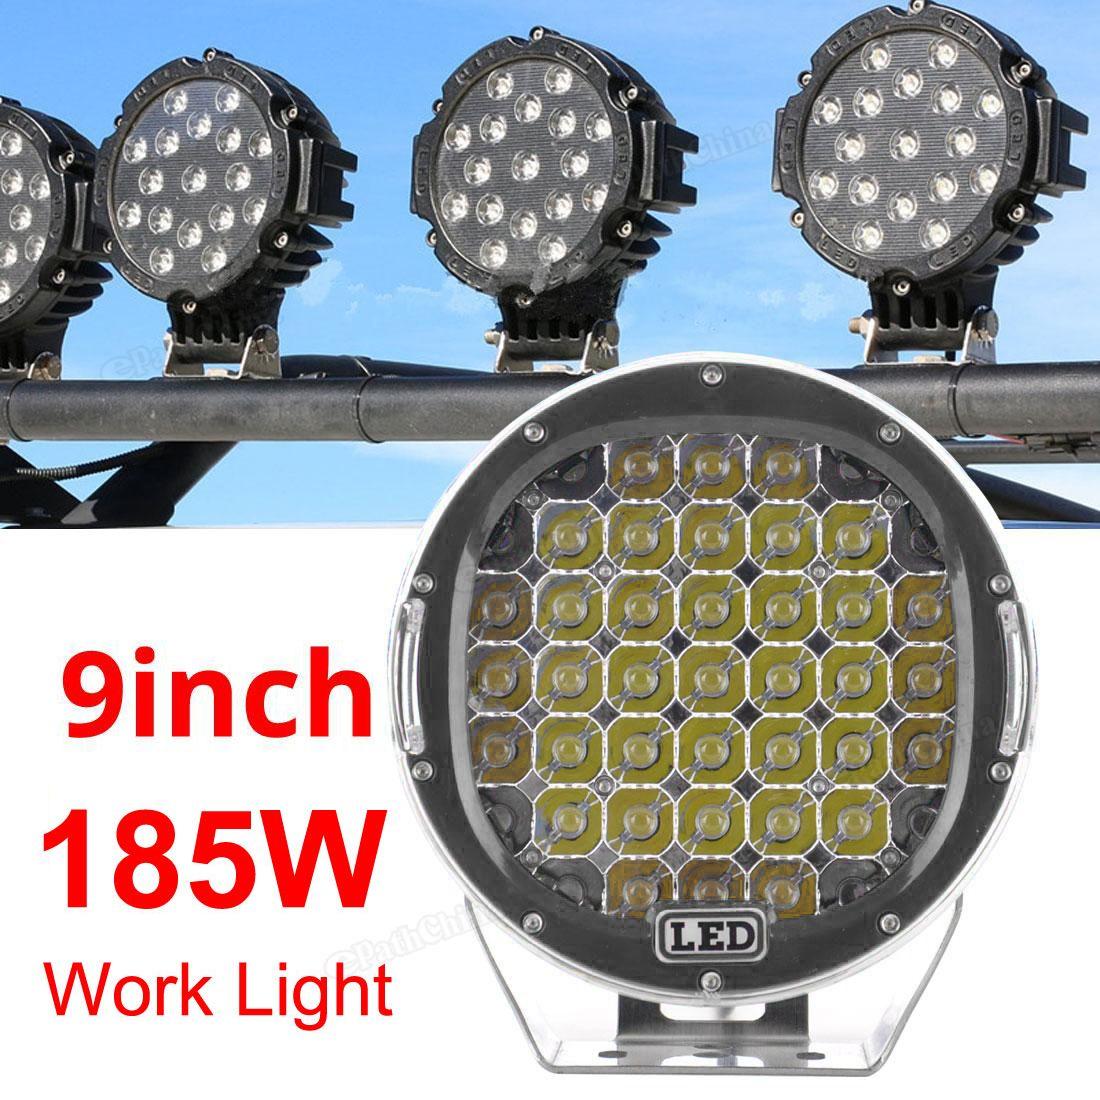 Lumiere 6000K acheter 9 pouces 185w 6000k travail feux de conduite spot / lumière